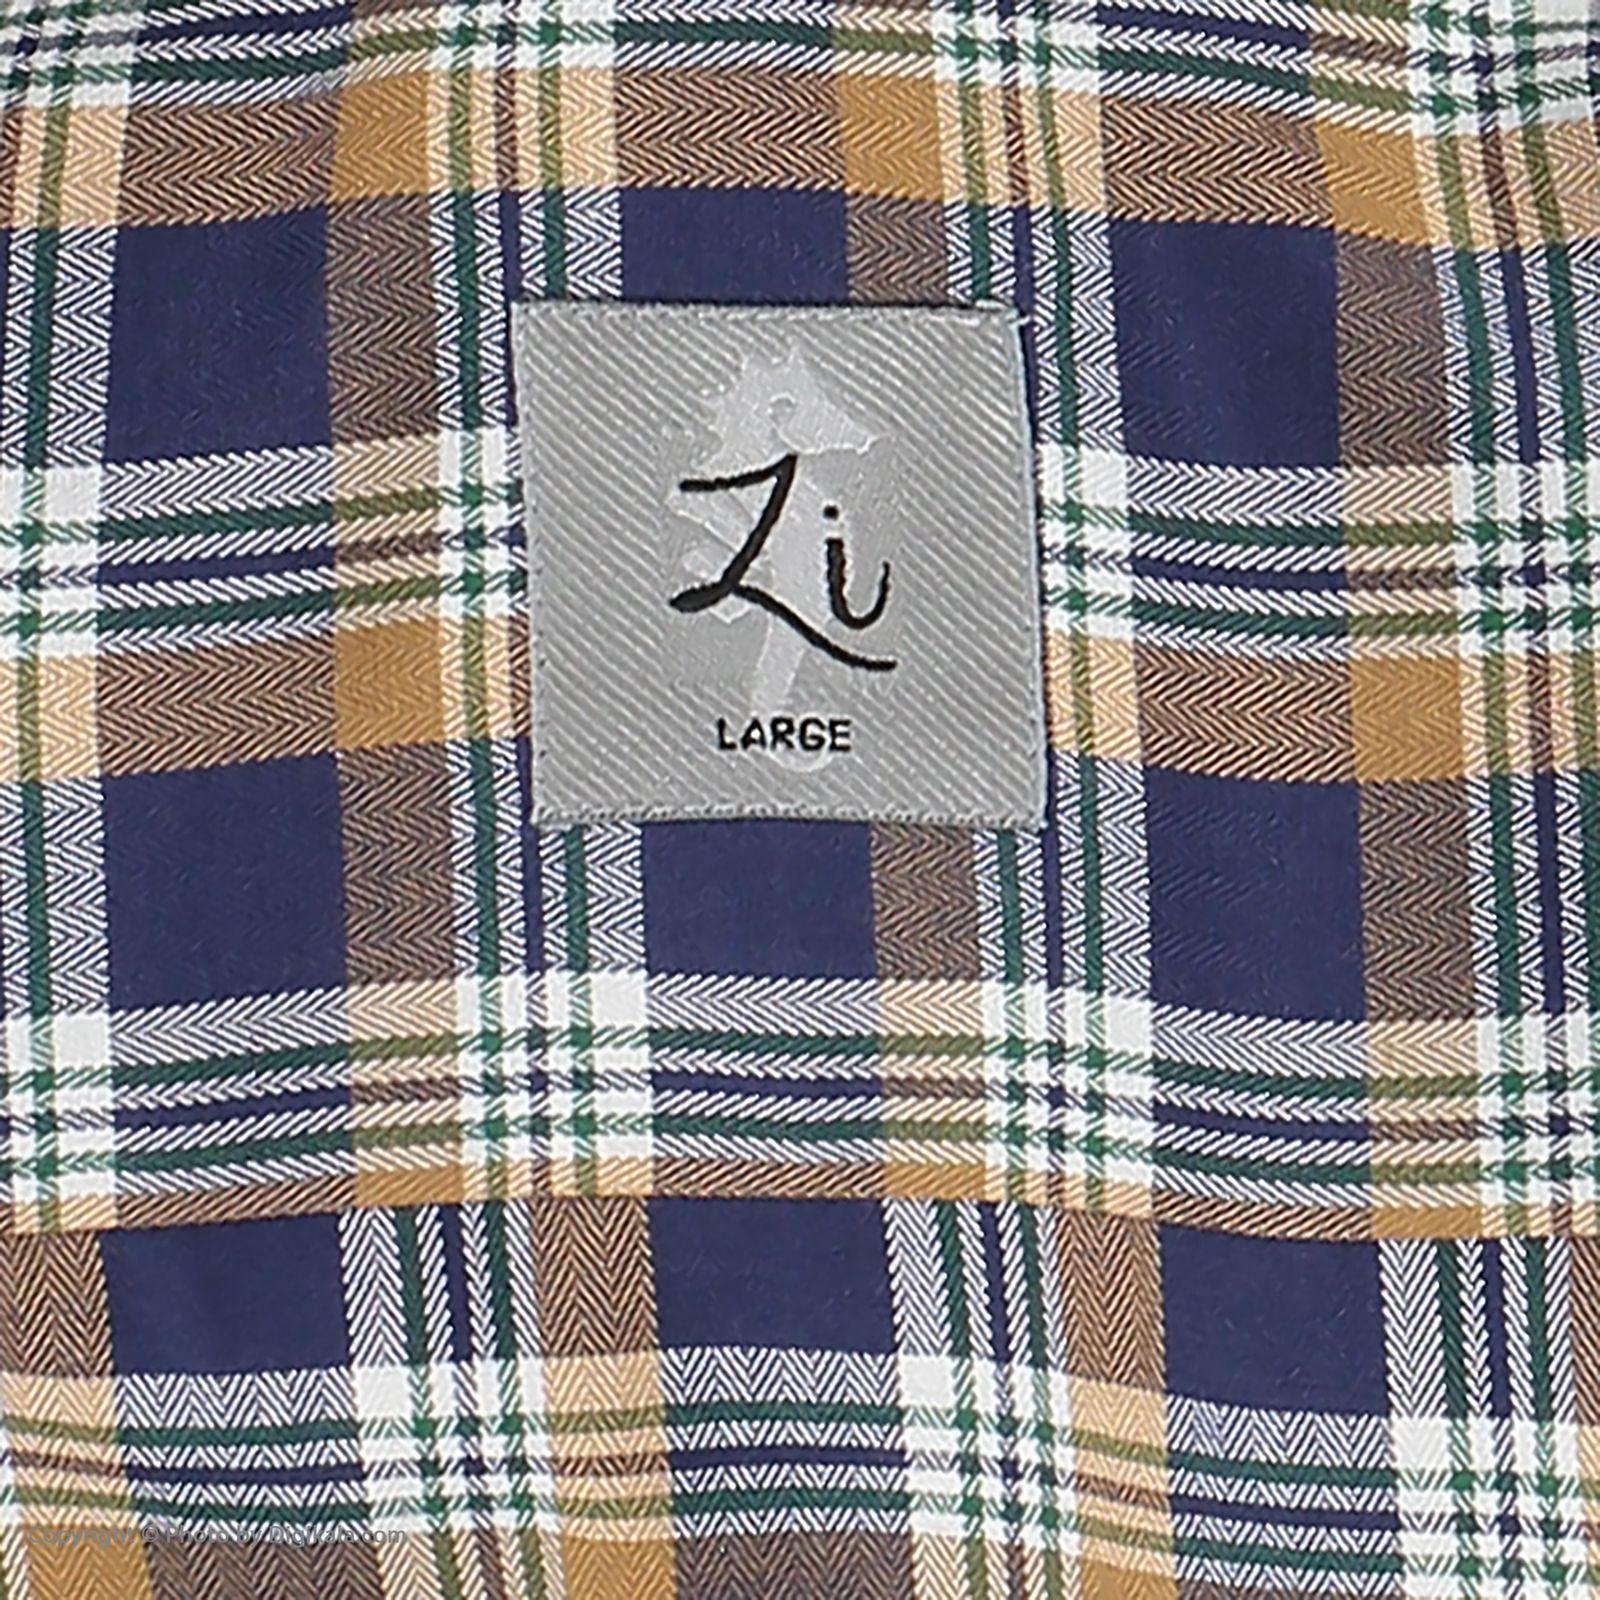 پیراهن مردانه زی مدل 1531195ML -  - 5